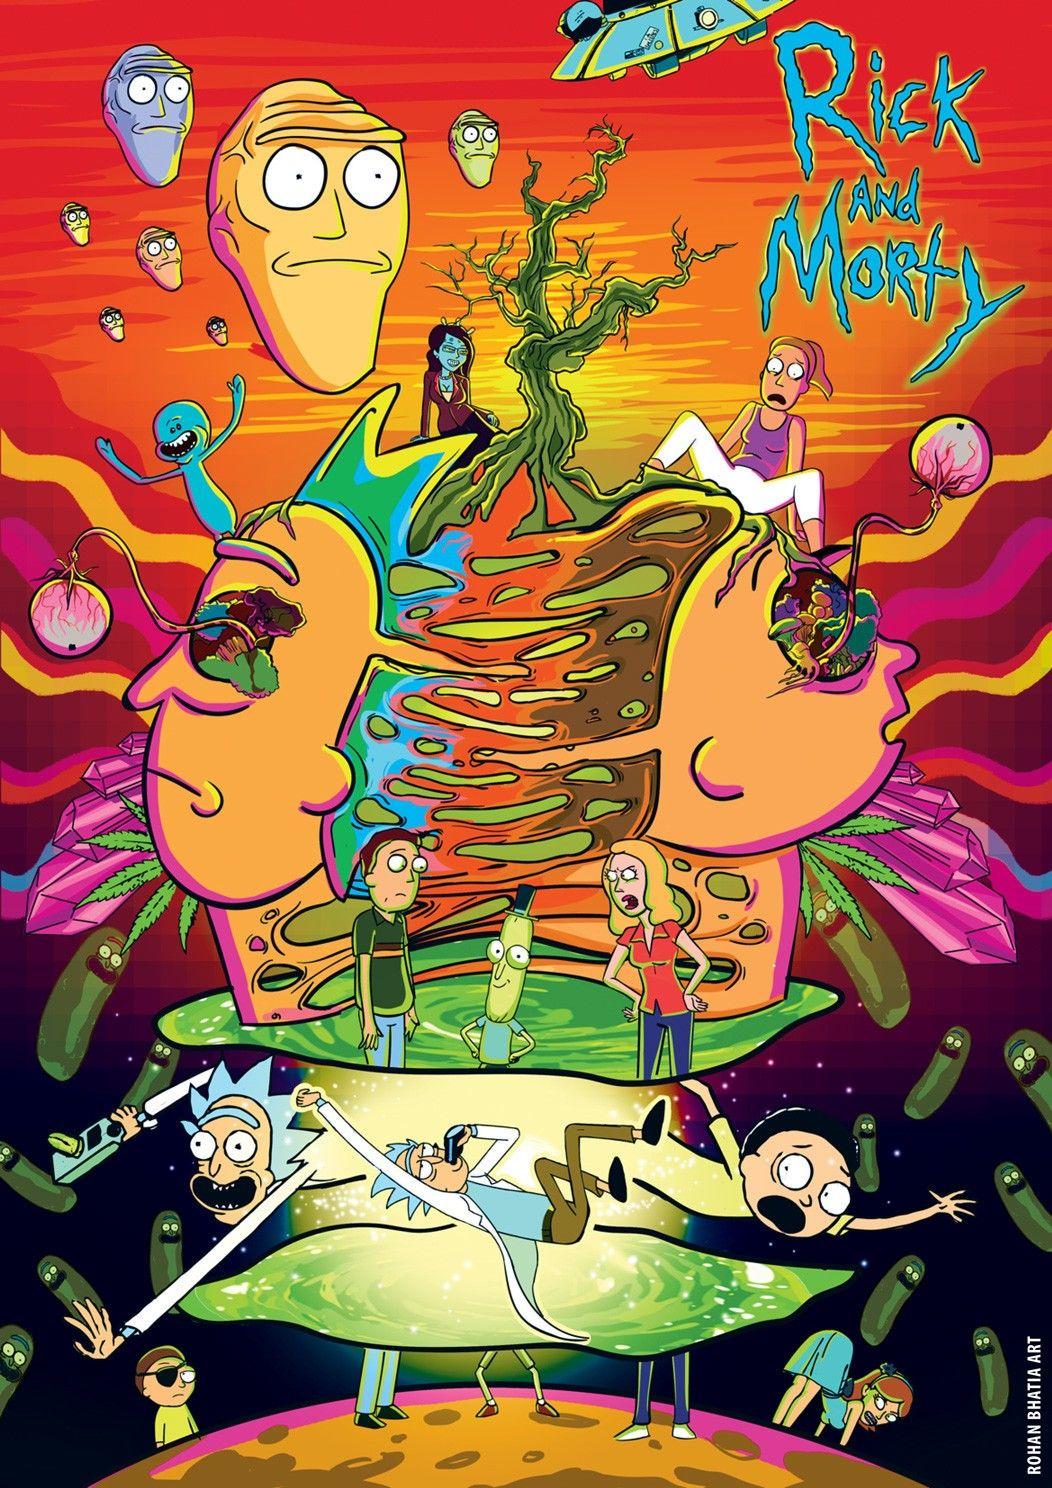 Rick and Morty Wallpaper de desenhos animados, Papel de